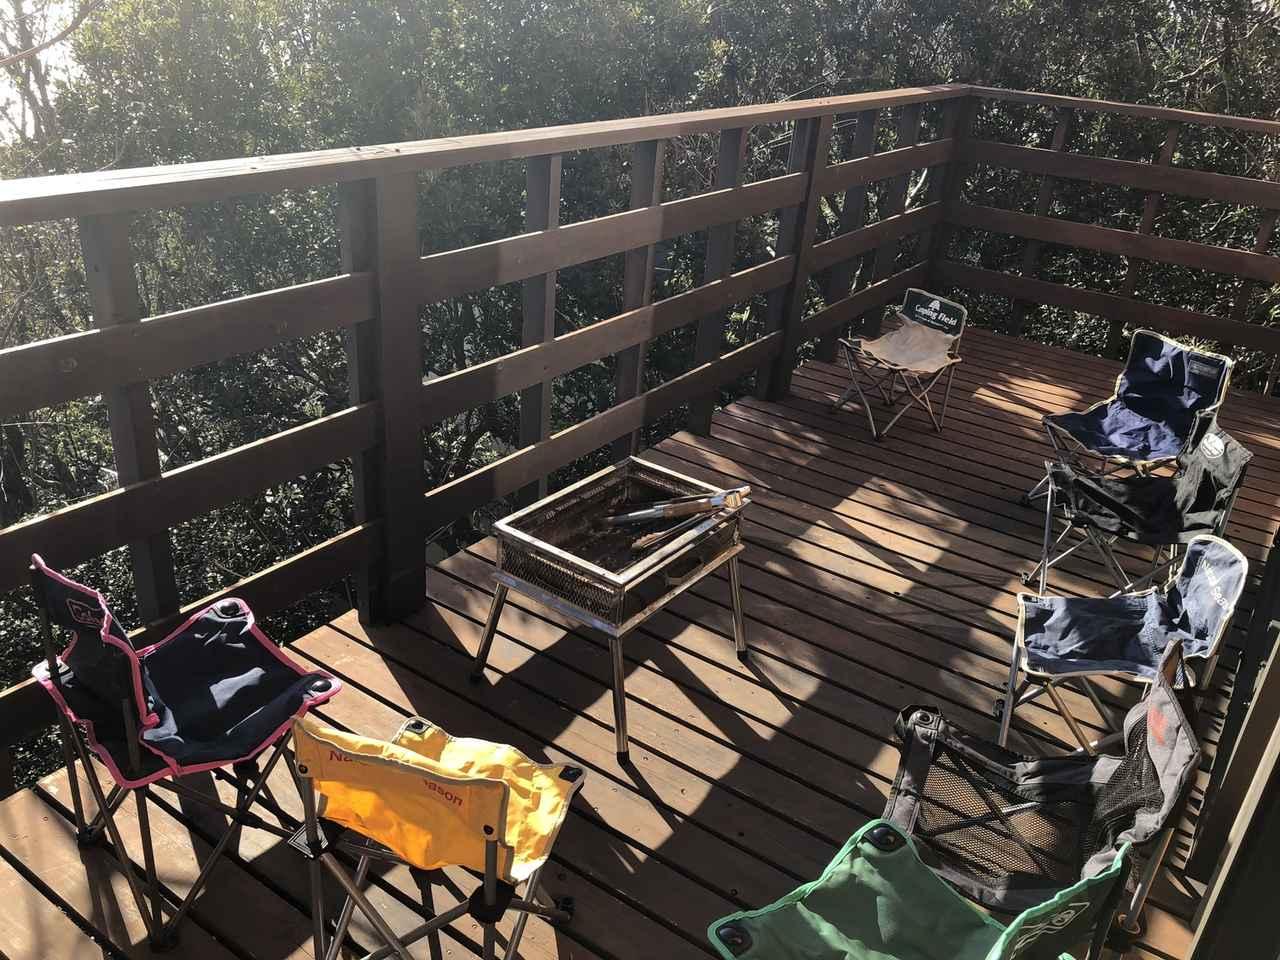 画像: ルールを守って家キャンプ! 近隣住民に配慮して、自宅の庭やベランダでアウトドアを楽しもう